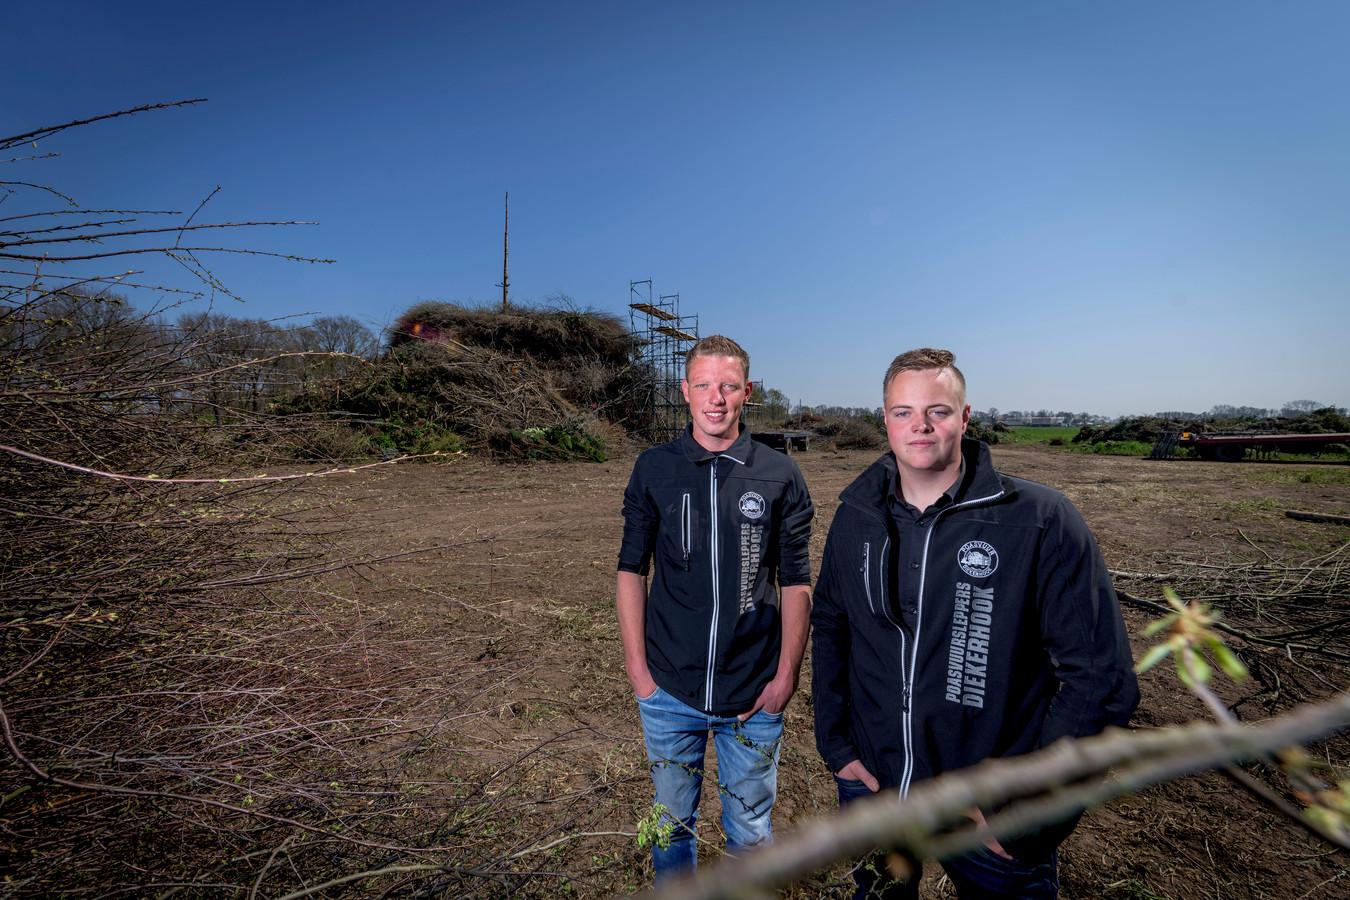 Arjan Veneklaas (rechts) met Bart Haverslag, voor het paasvuur dat in 2019 niet mocht branden, vanwege de droogte.